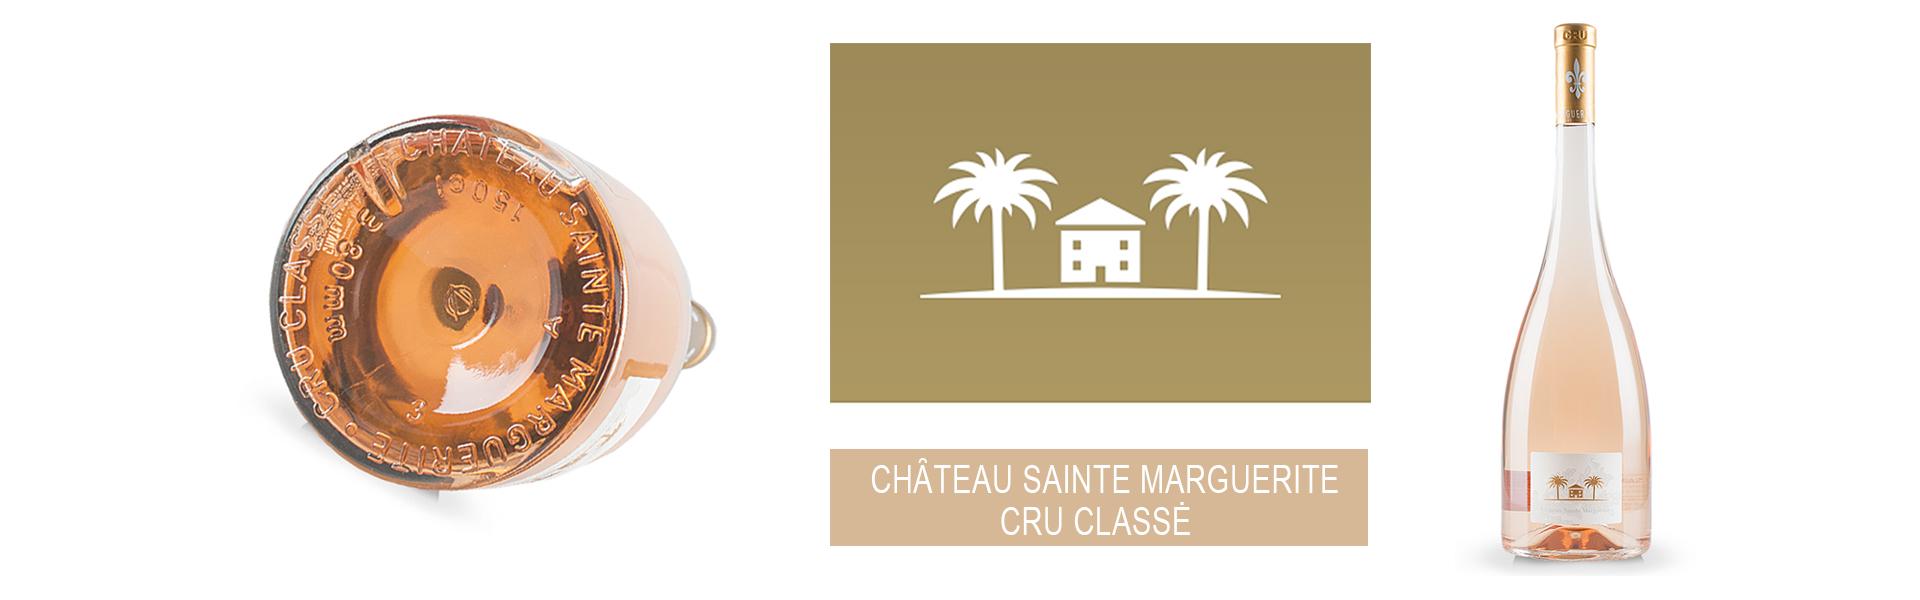 Vin Chateau Sainte Marguerite